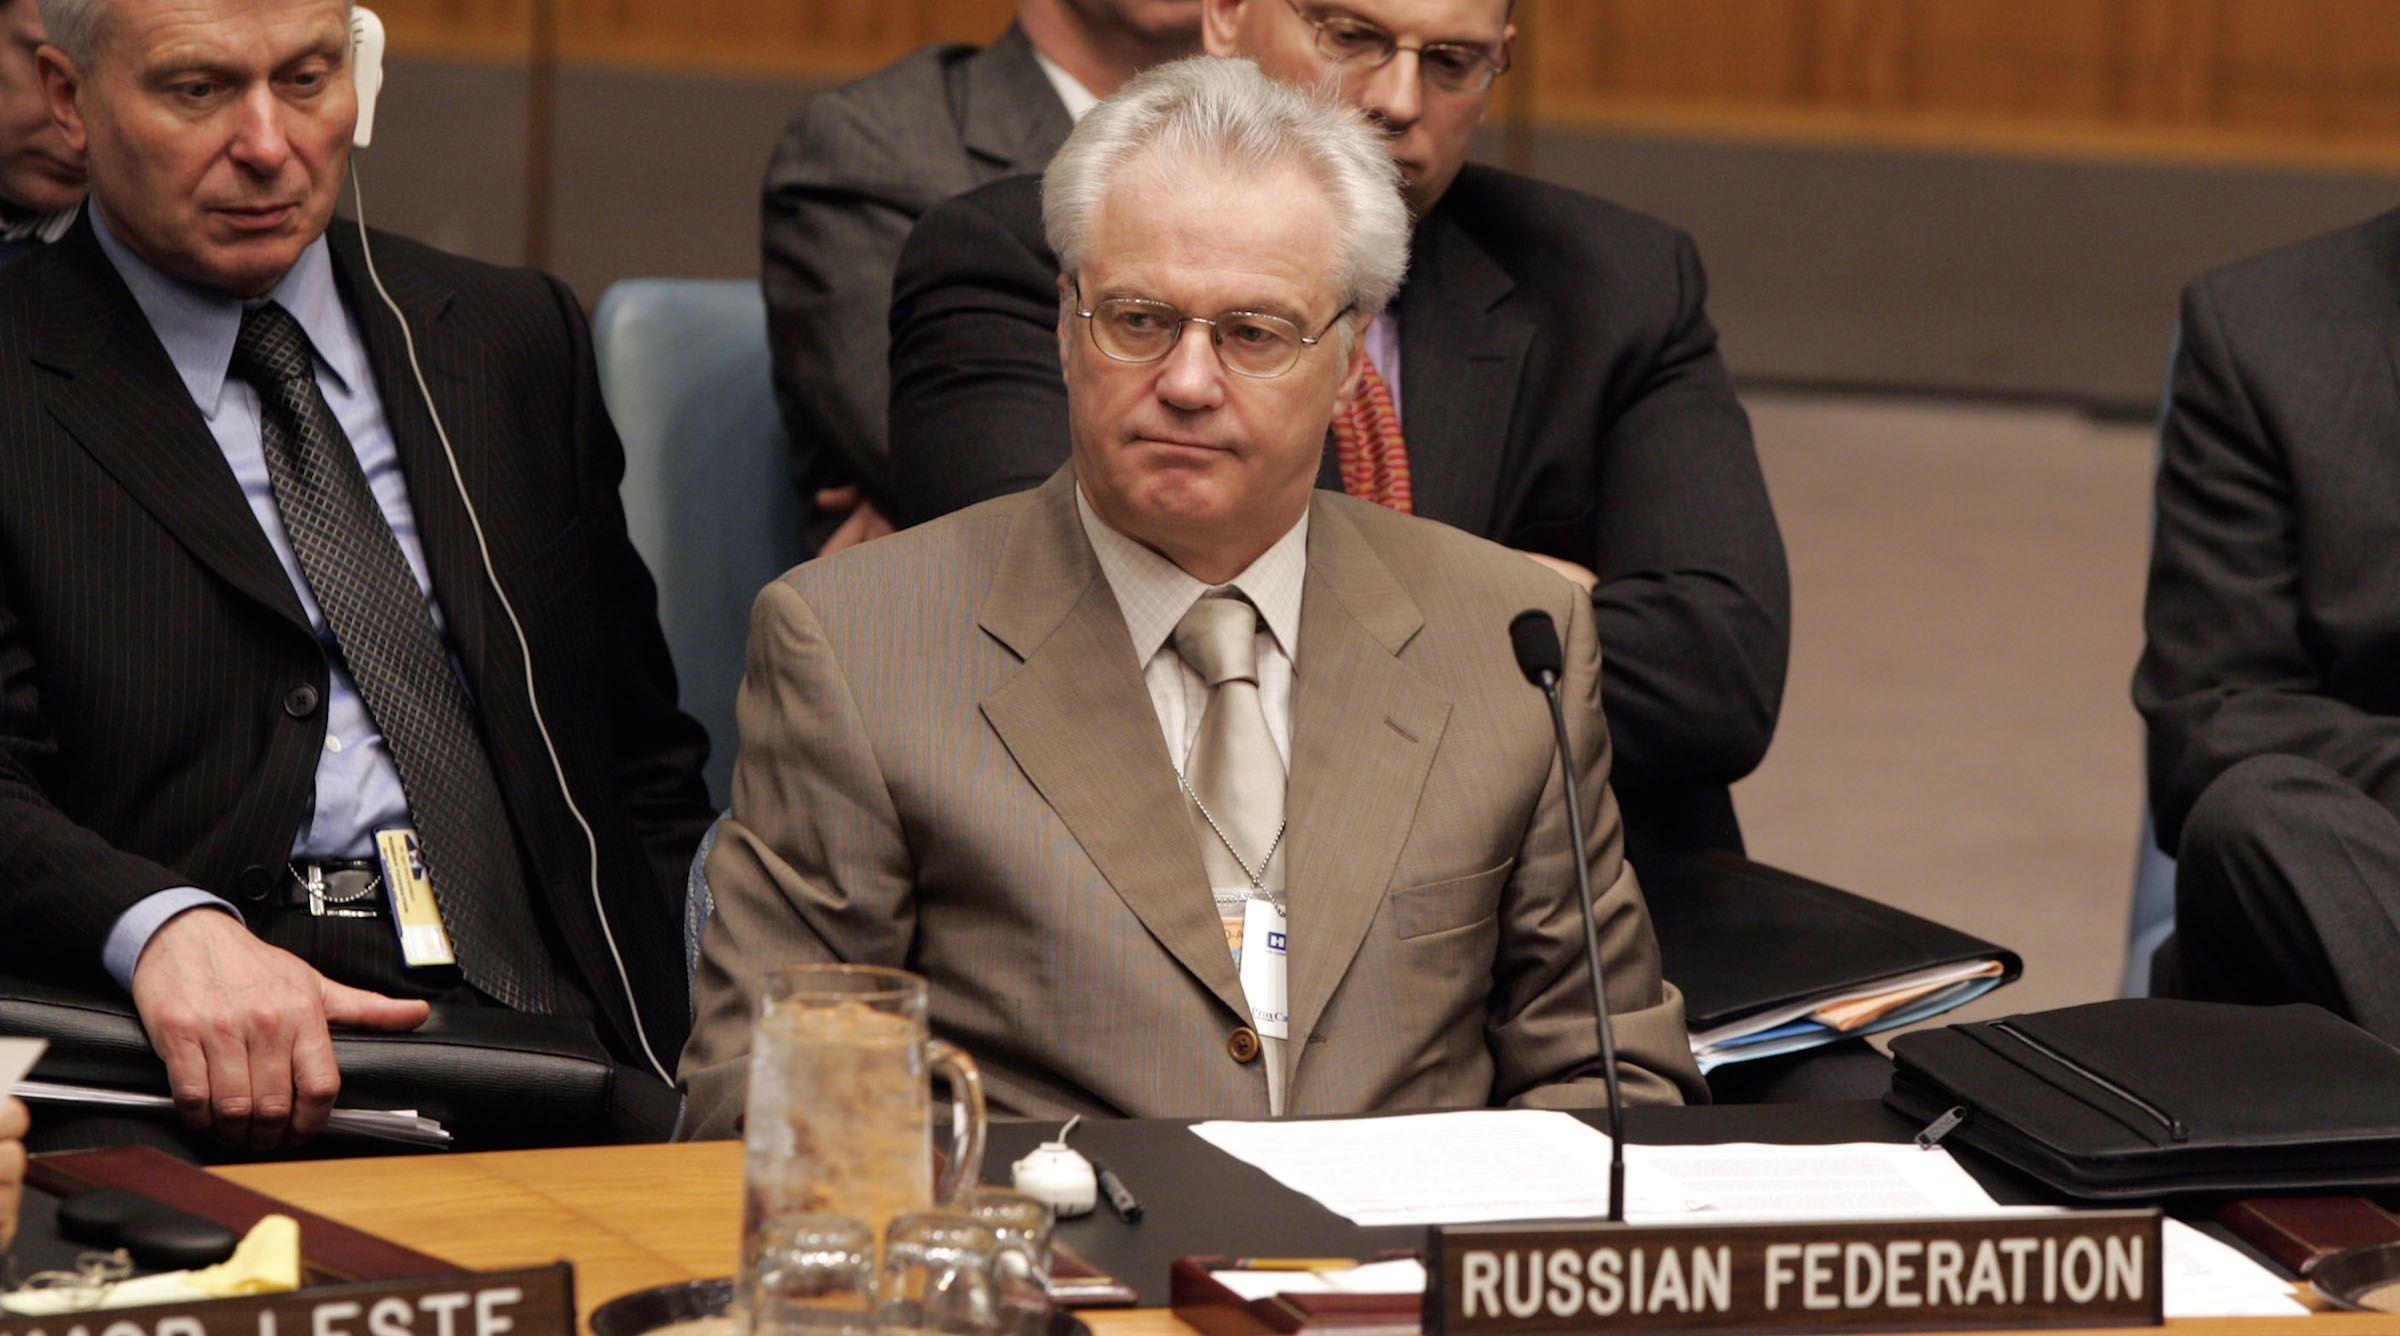 Ambassador Vitaly Churkin in UN meeting